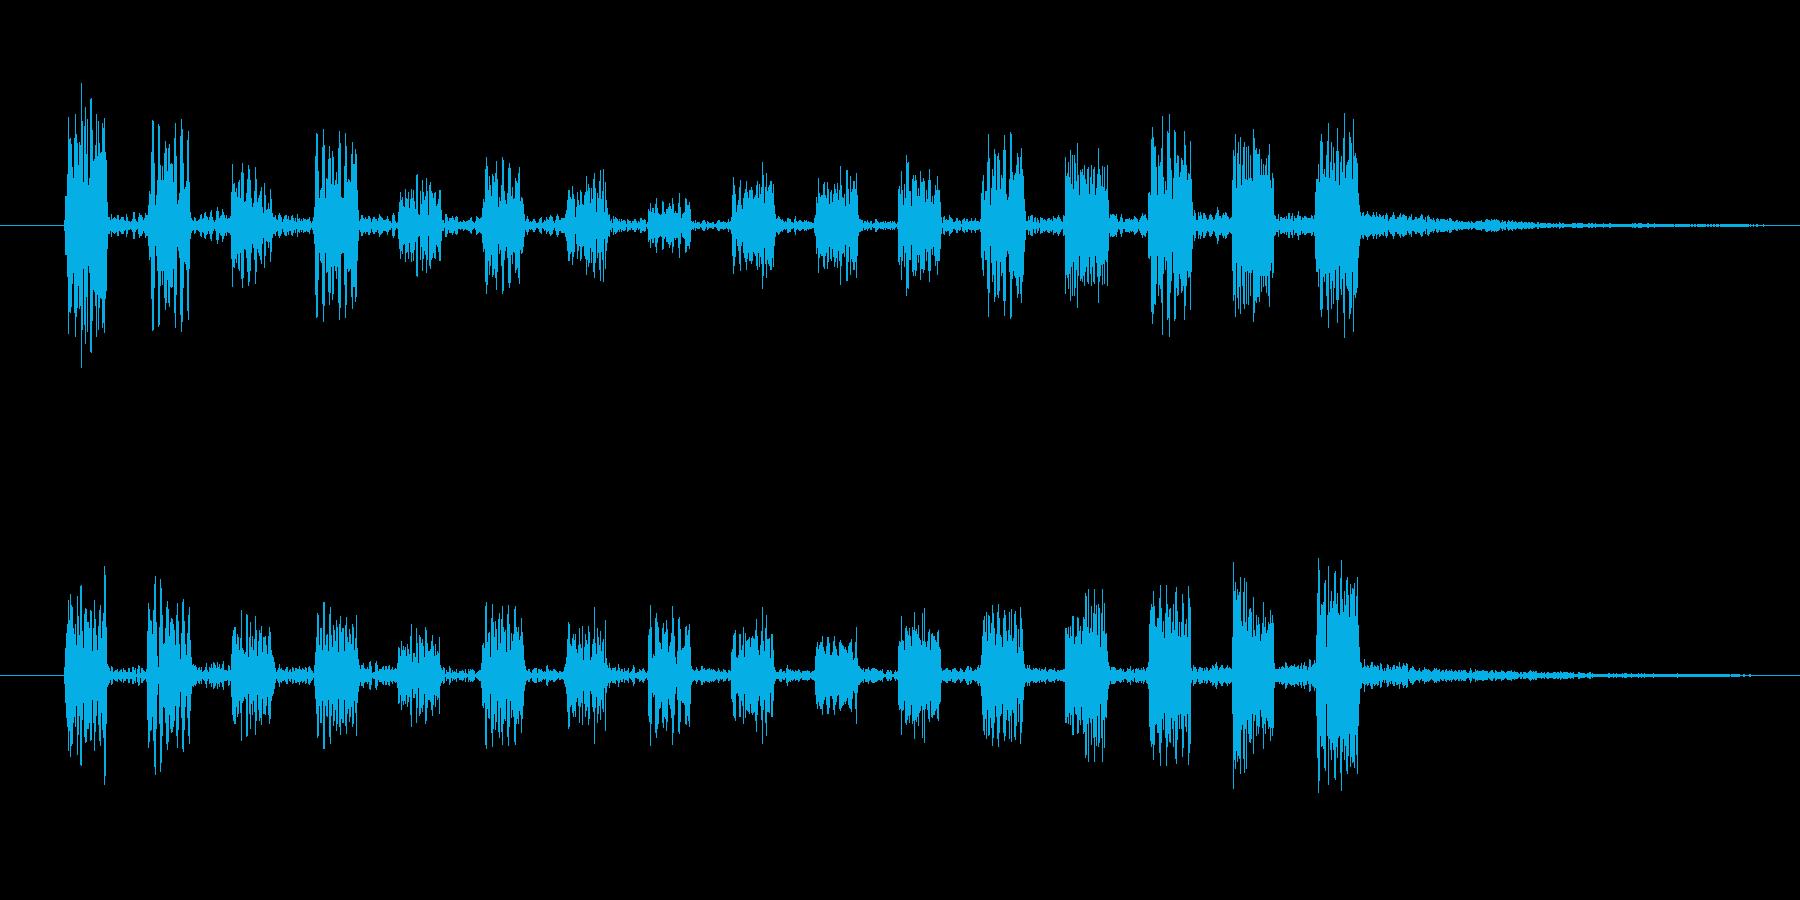 機械が何かをチャージするような音の再生済みの波形